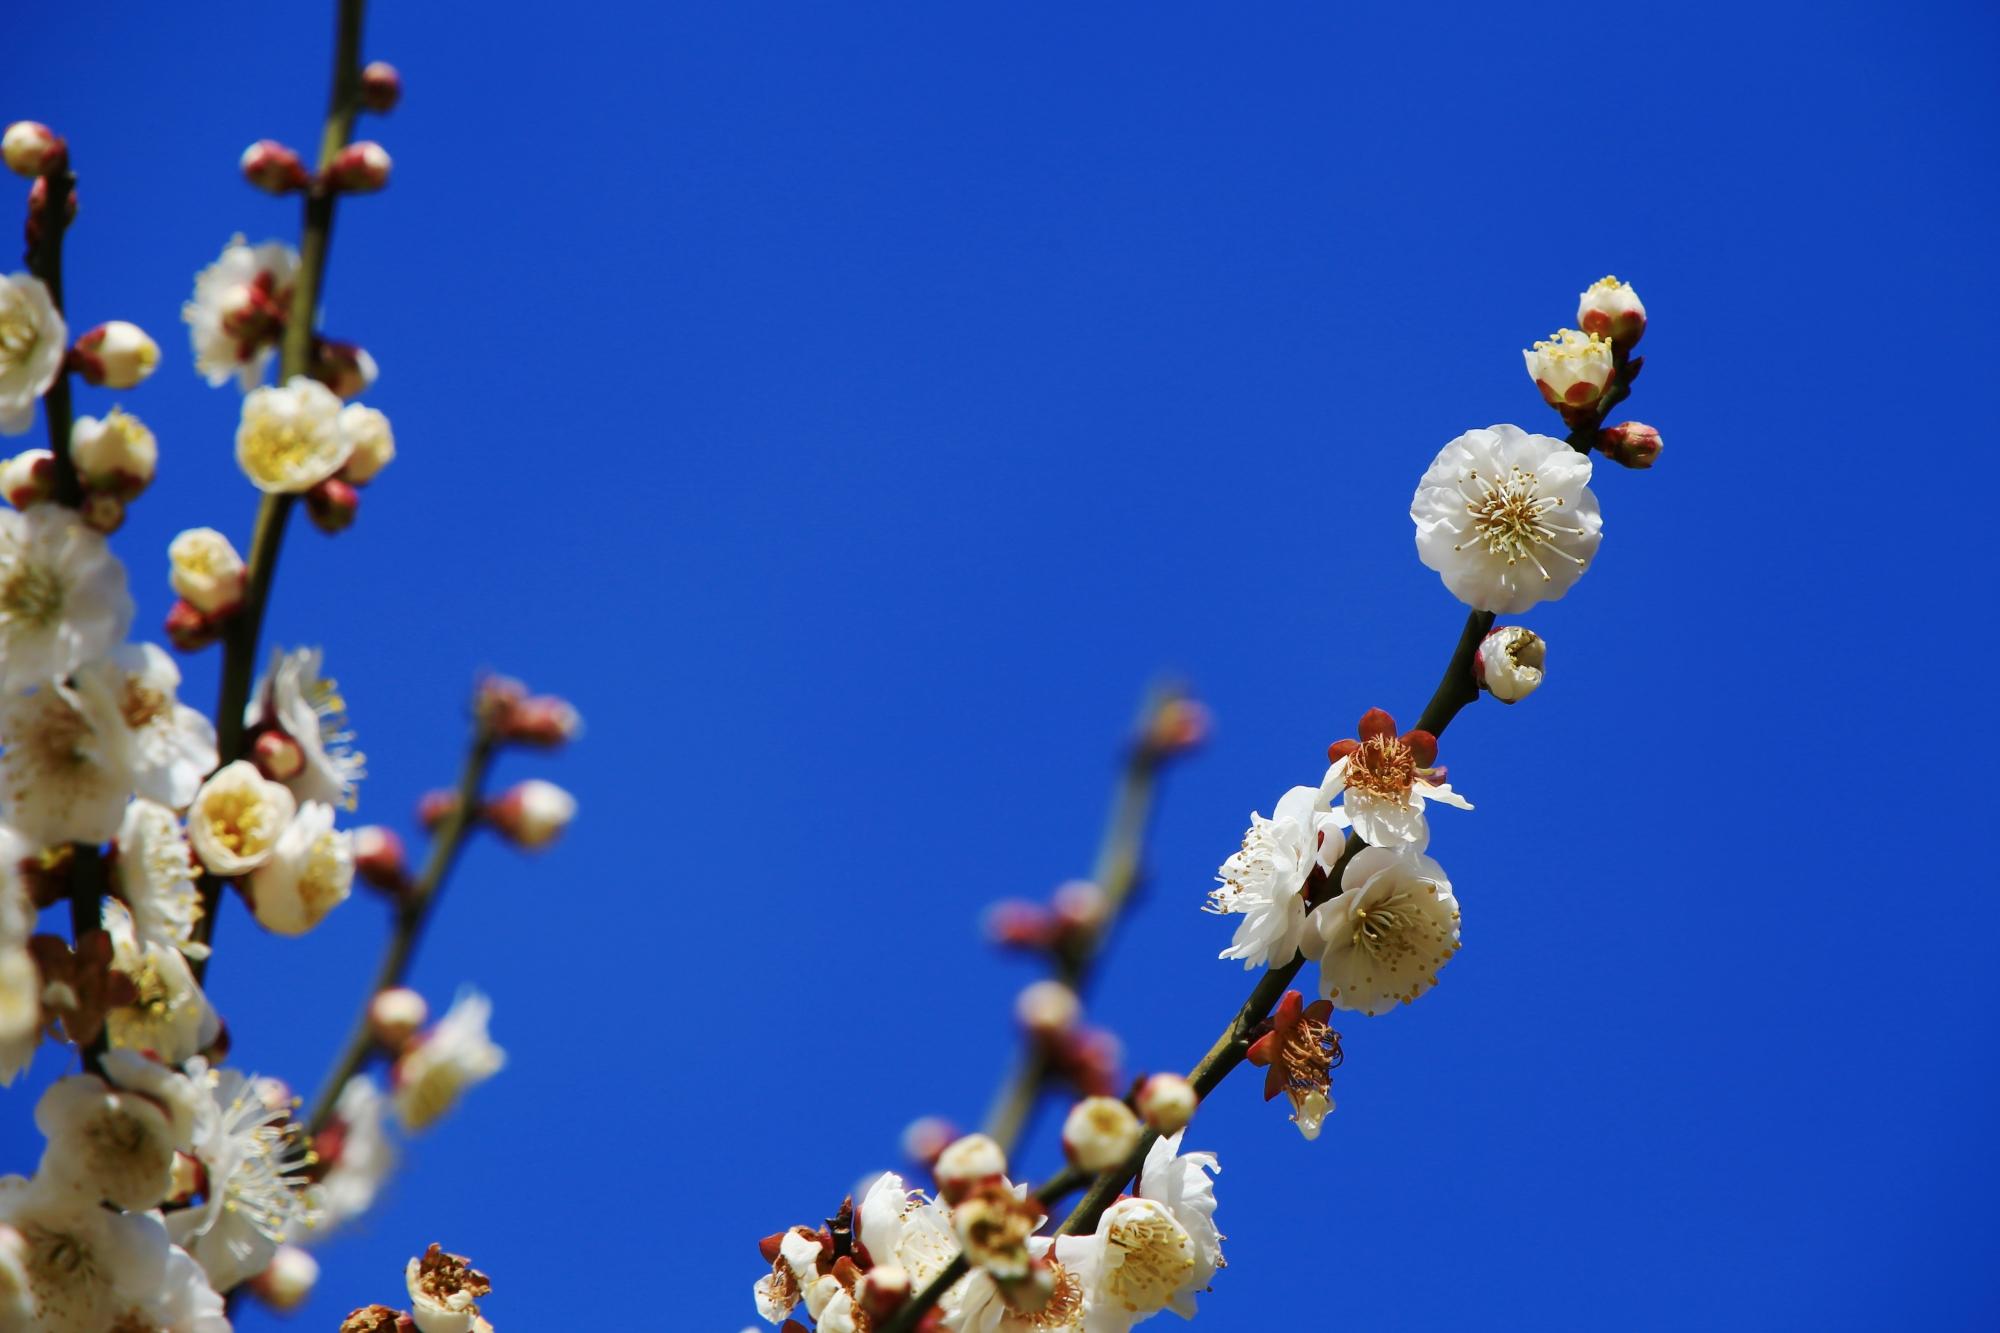 青空に映える可愛い白い梅の花